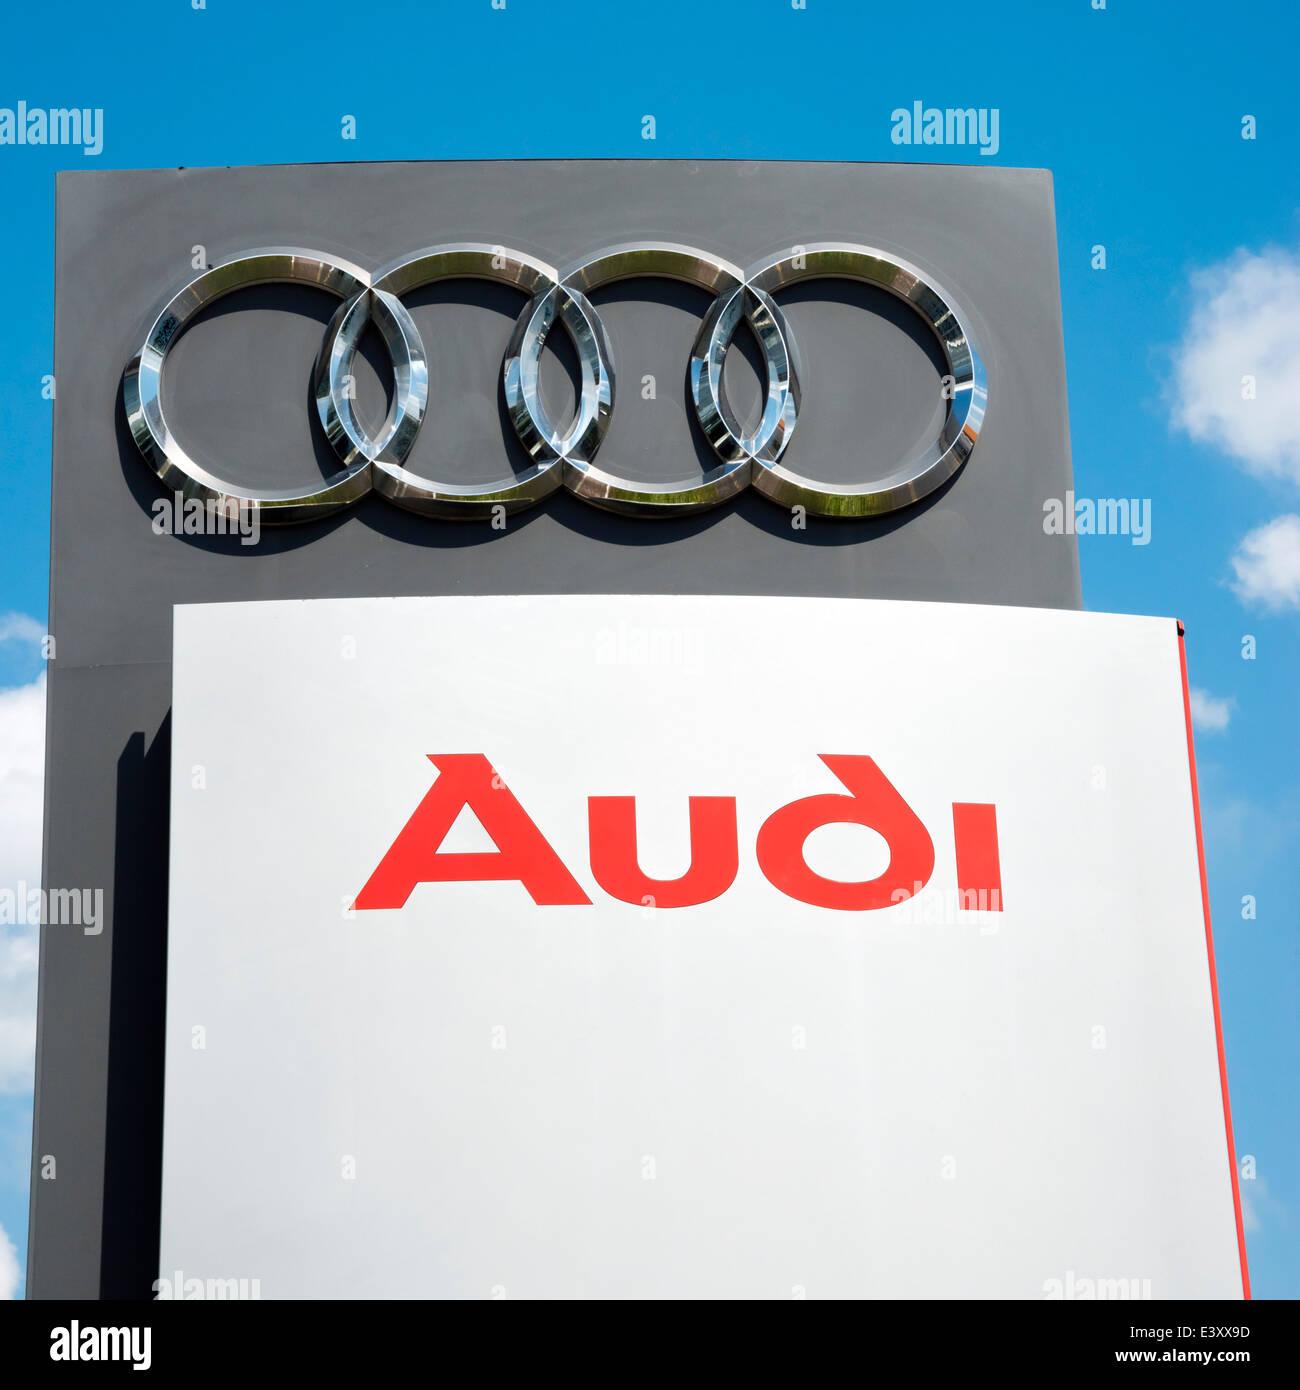 Audi Autohaus Autokennzeichen, UK. Stockbild